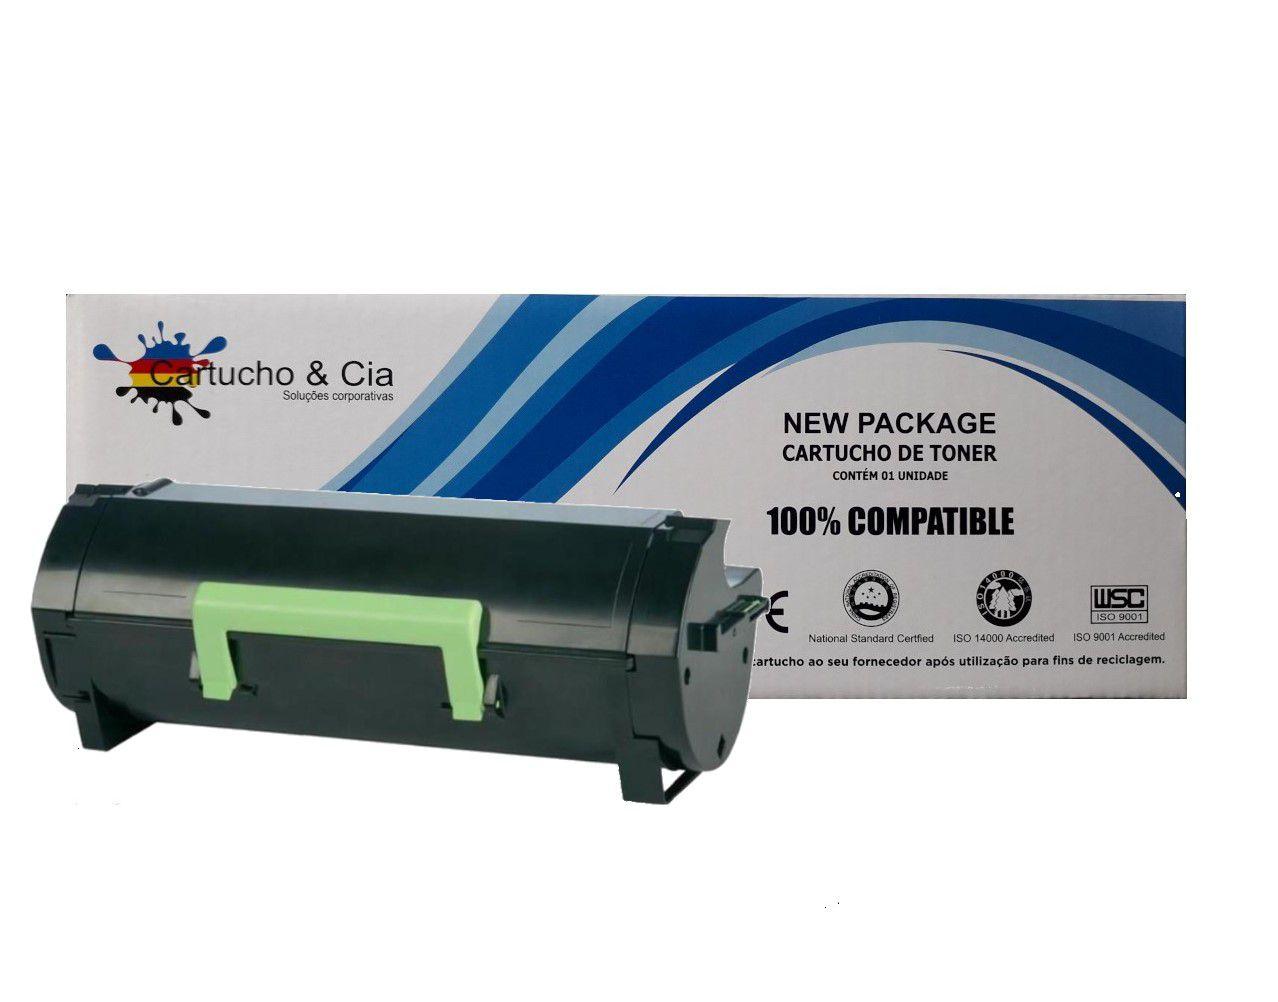 Toner Compatível com Lexmark [52D4H00] MX710/MX810/MX811/MX812 Black 25.000 Páginas - Cartucho & Cia